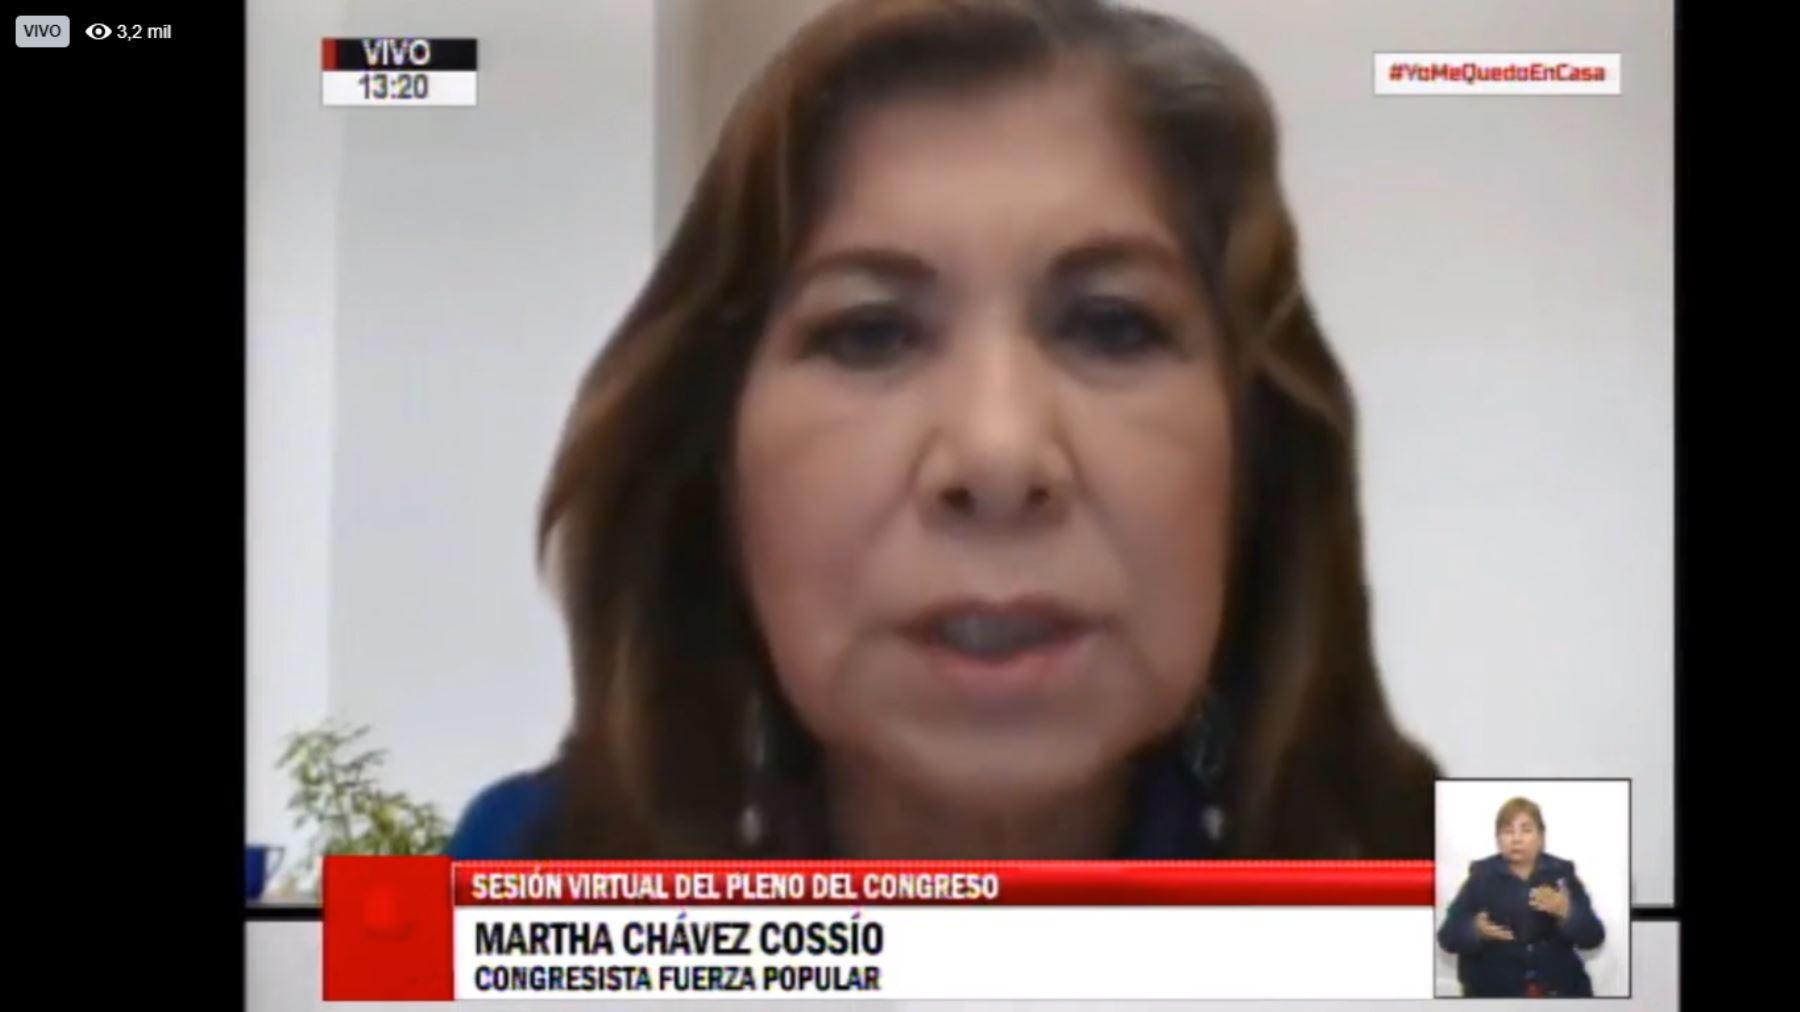 Congreso: Martha Chávez denuncia que es «silenciada» durante sus intervenciones